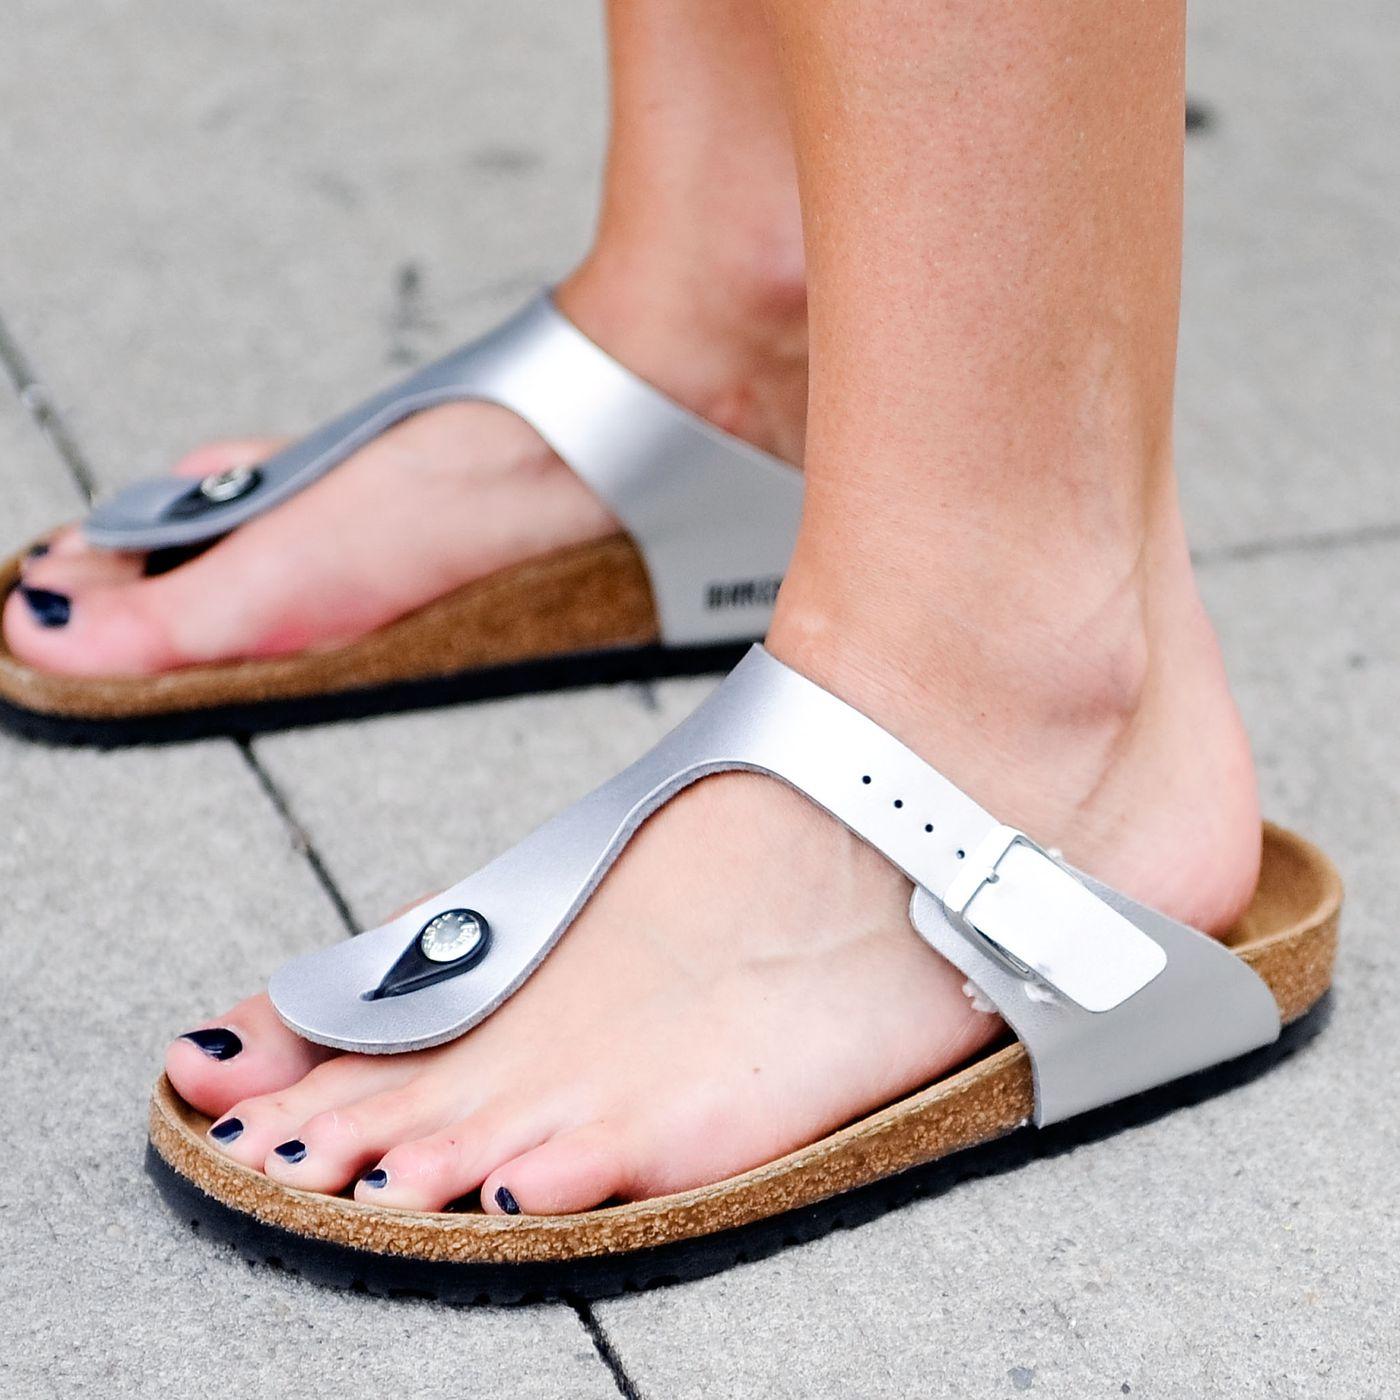 8d9e36aec80c Ugly Sandal Trend  How Birkenstocks and Tevas Became Cool - Vox